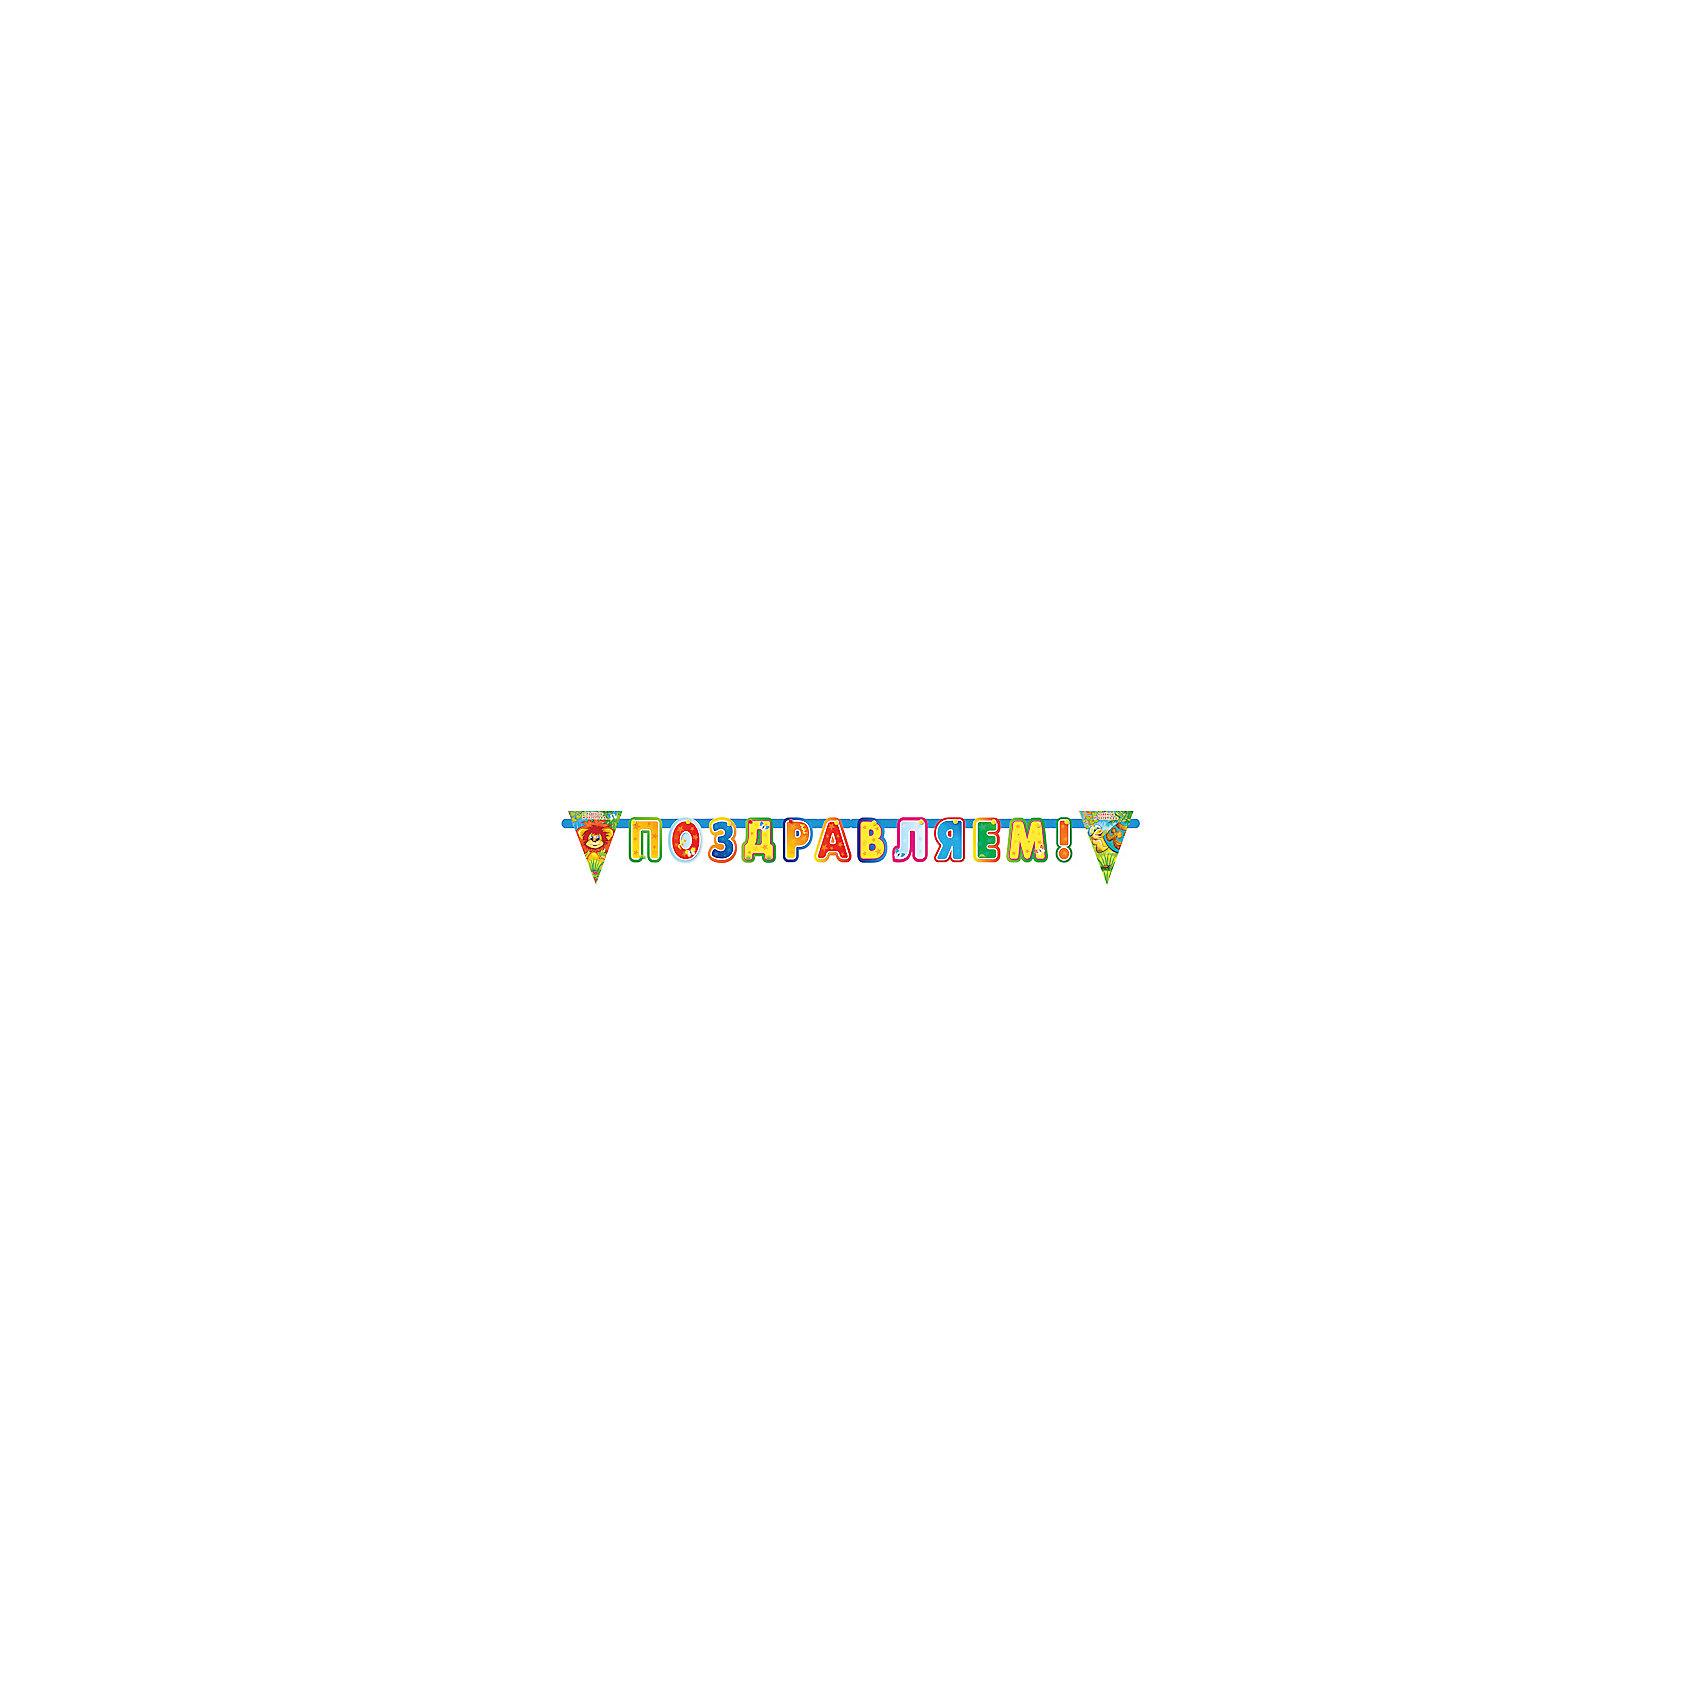 Гирлянда Львёнок и ЧерепахаВсё для праздника<br>Гирлянда Львёнок и Черепаха создаст праздничное настроение на любом торжестве!<br><br>Дополнительная информация:<br><br>- Материал: плотная бумага.<br>- Размер гирлянды: 2 м.<br>- Размер упаковки: 28х21х0,5 см.<br>- Вес в упаковке: 70 г.<br><br>Купить гирлянду Львёнок и Черепаха можно в нашем магазине.<br><br>Ширина мм: 28<br>Глубина мм: 21<br>Высота мм: 0<br>Вес г: 70<br>Возраст от месяцев: 12<br>Возраст до месяцев: 2147483647<br>Пол: Унисекс<br>Возраст: Детский<br>SKU: 4797431